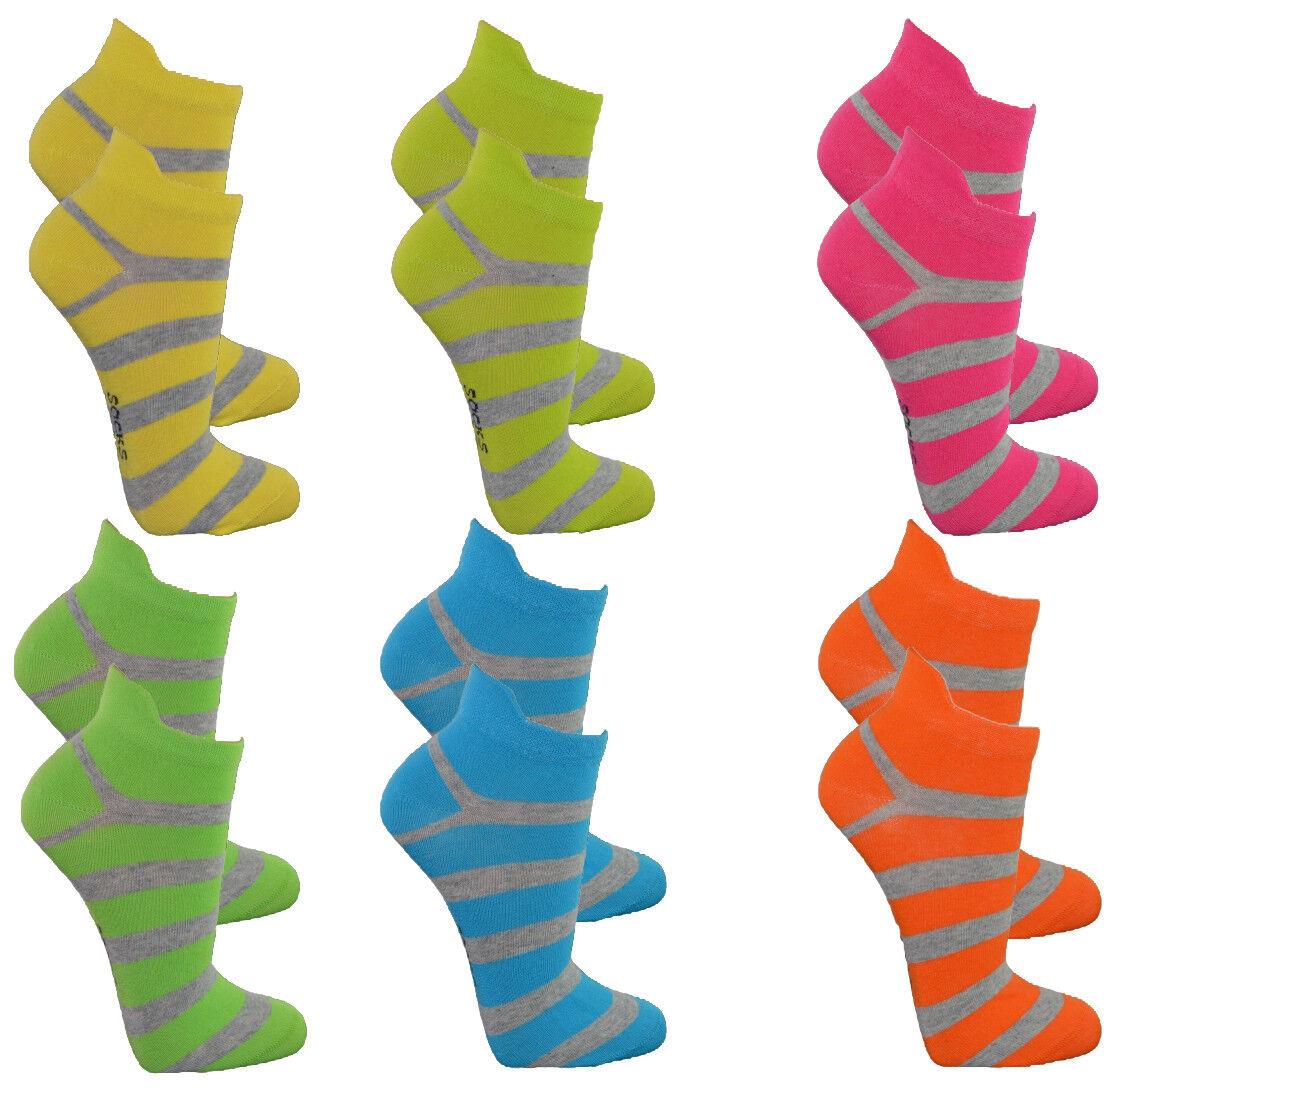 Damen Kurzsocken,6 PACK,Tolle Farben,hoher Baumwollantei